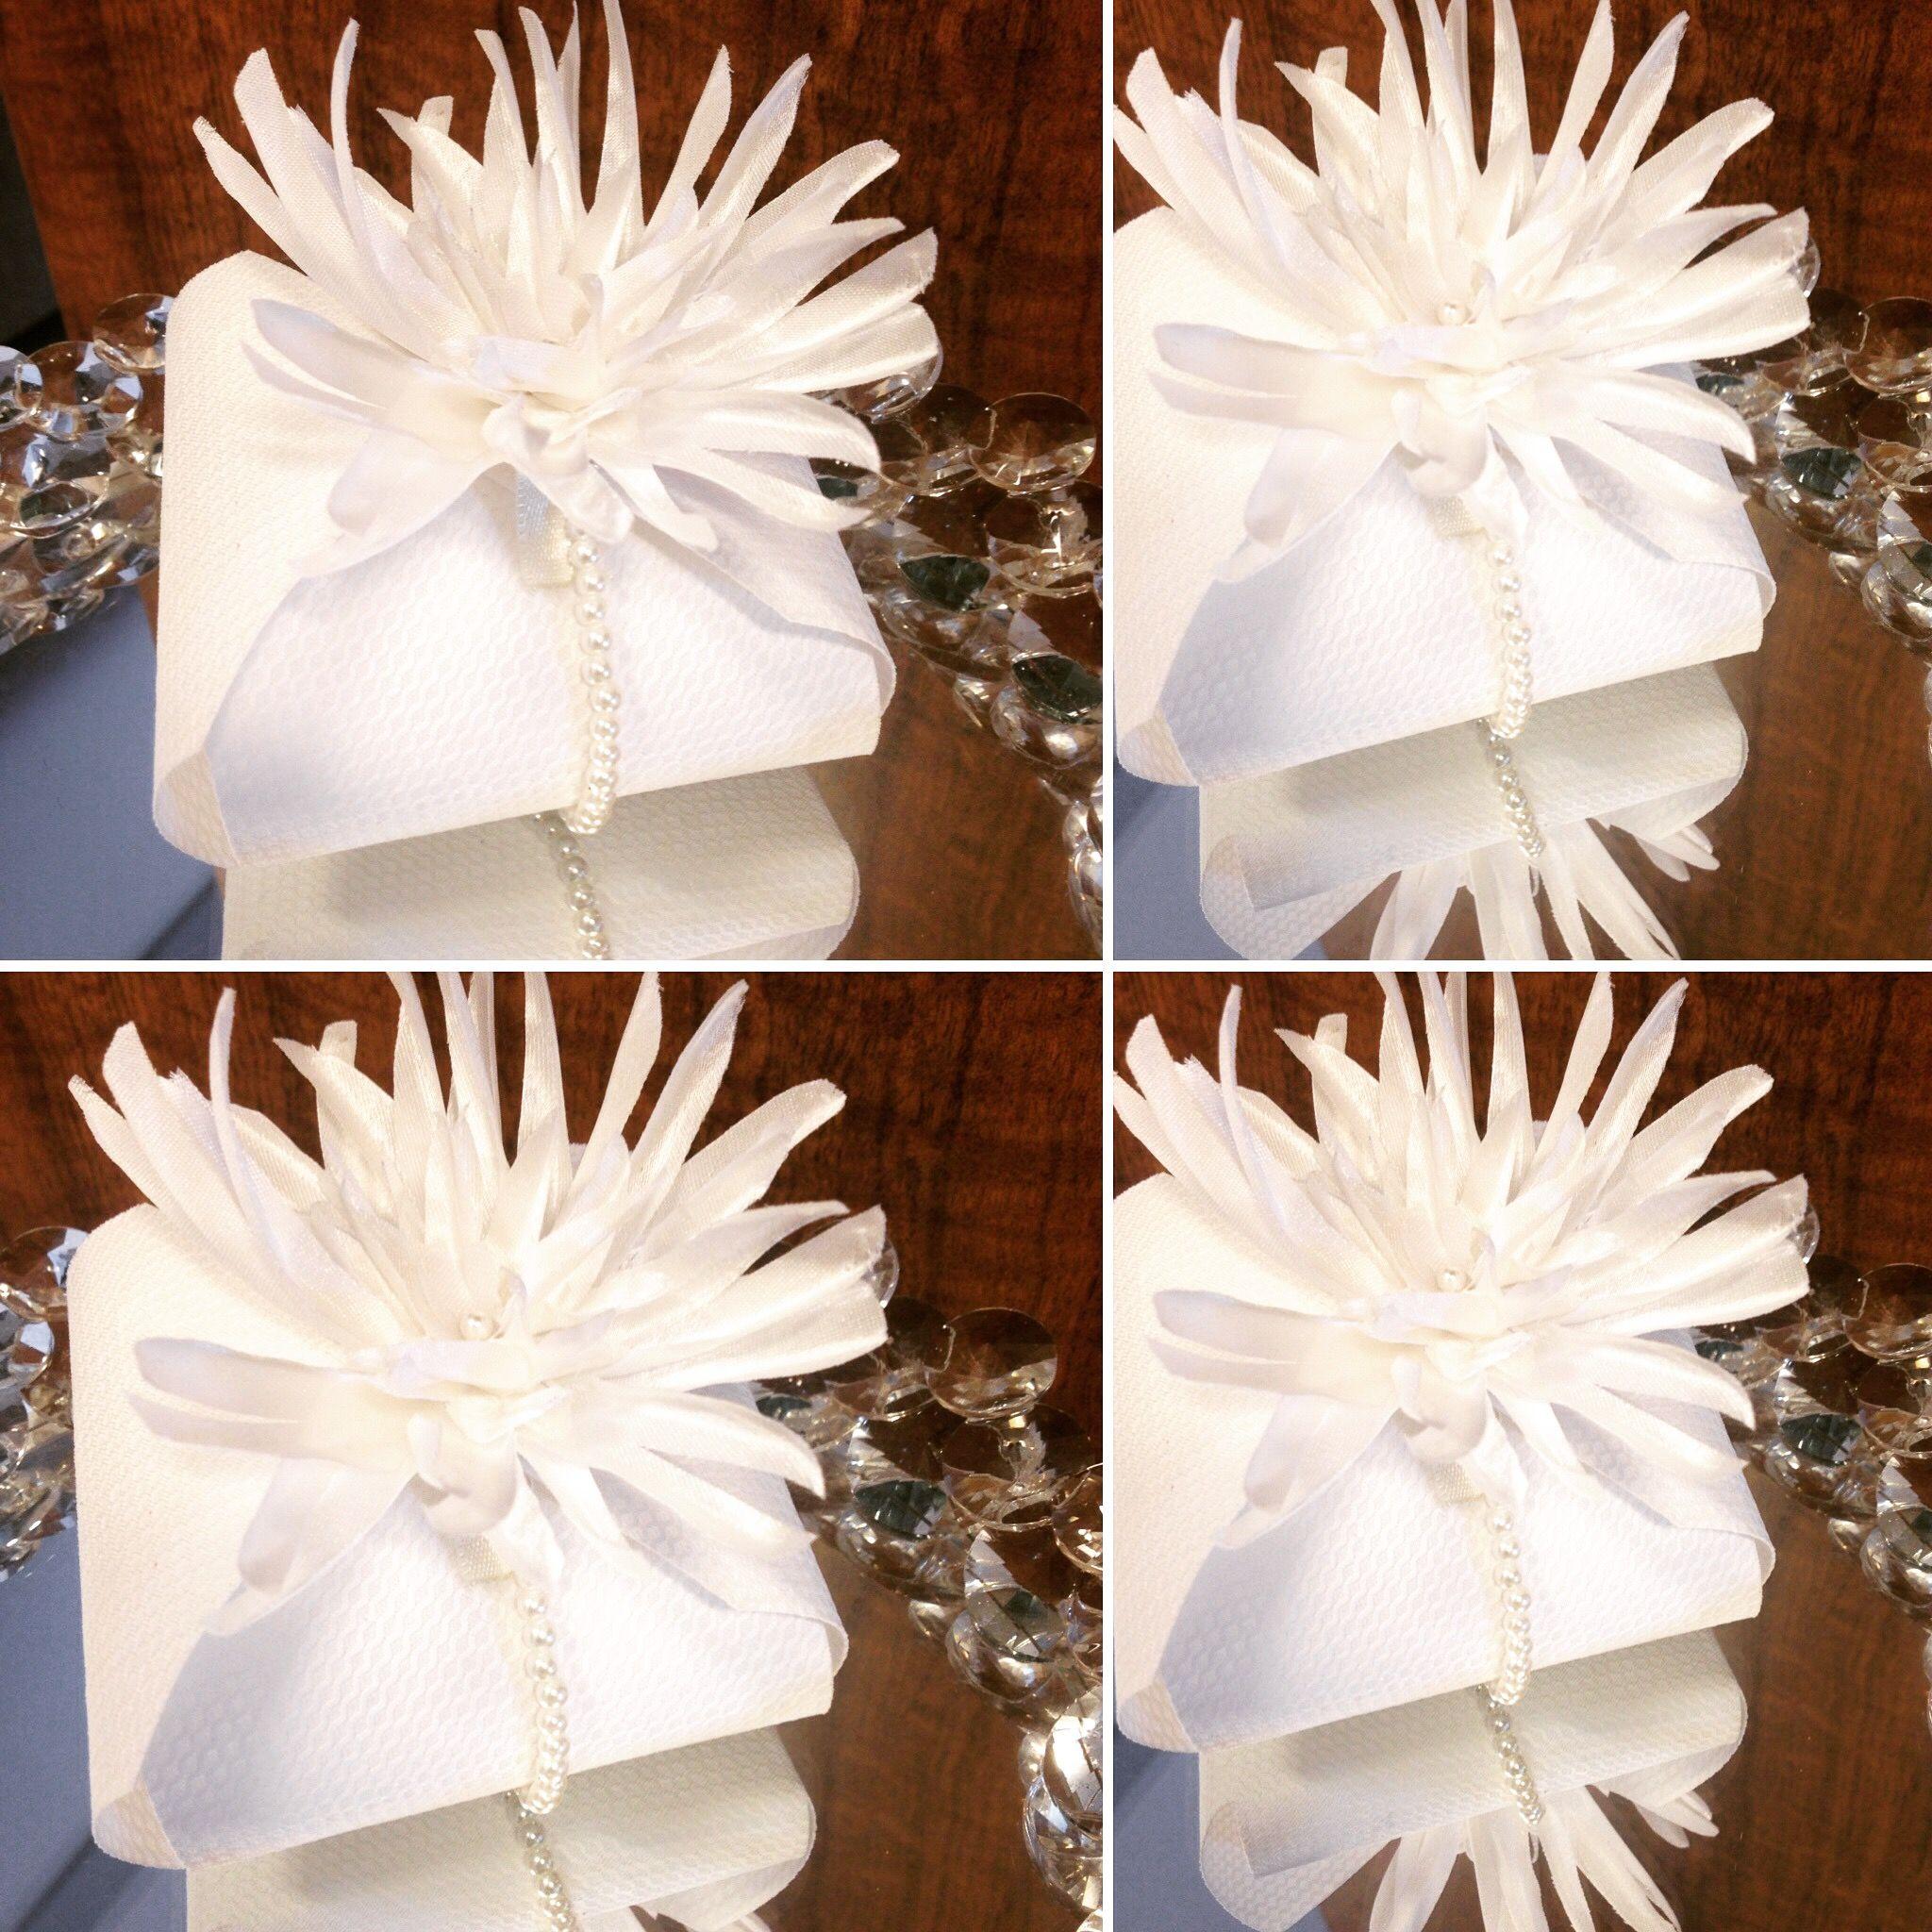 #estilo #branco é classico #pérola #flor e doce #embalagem #bemcasado